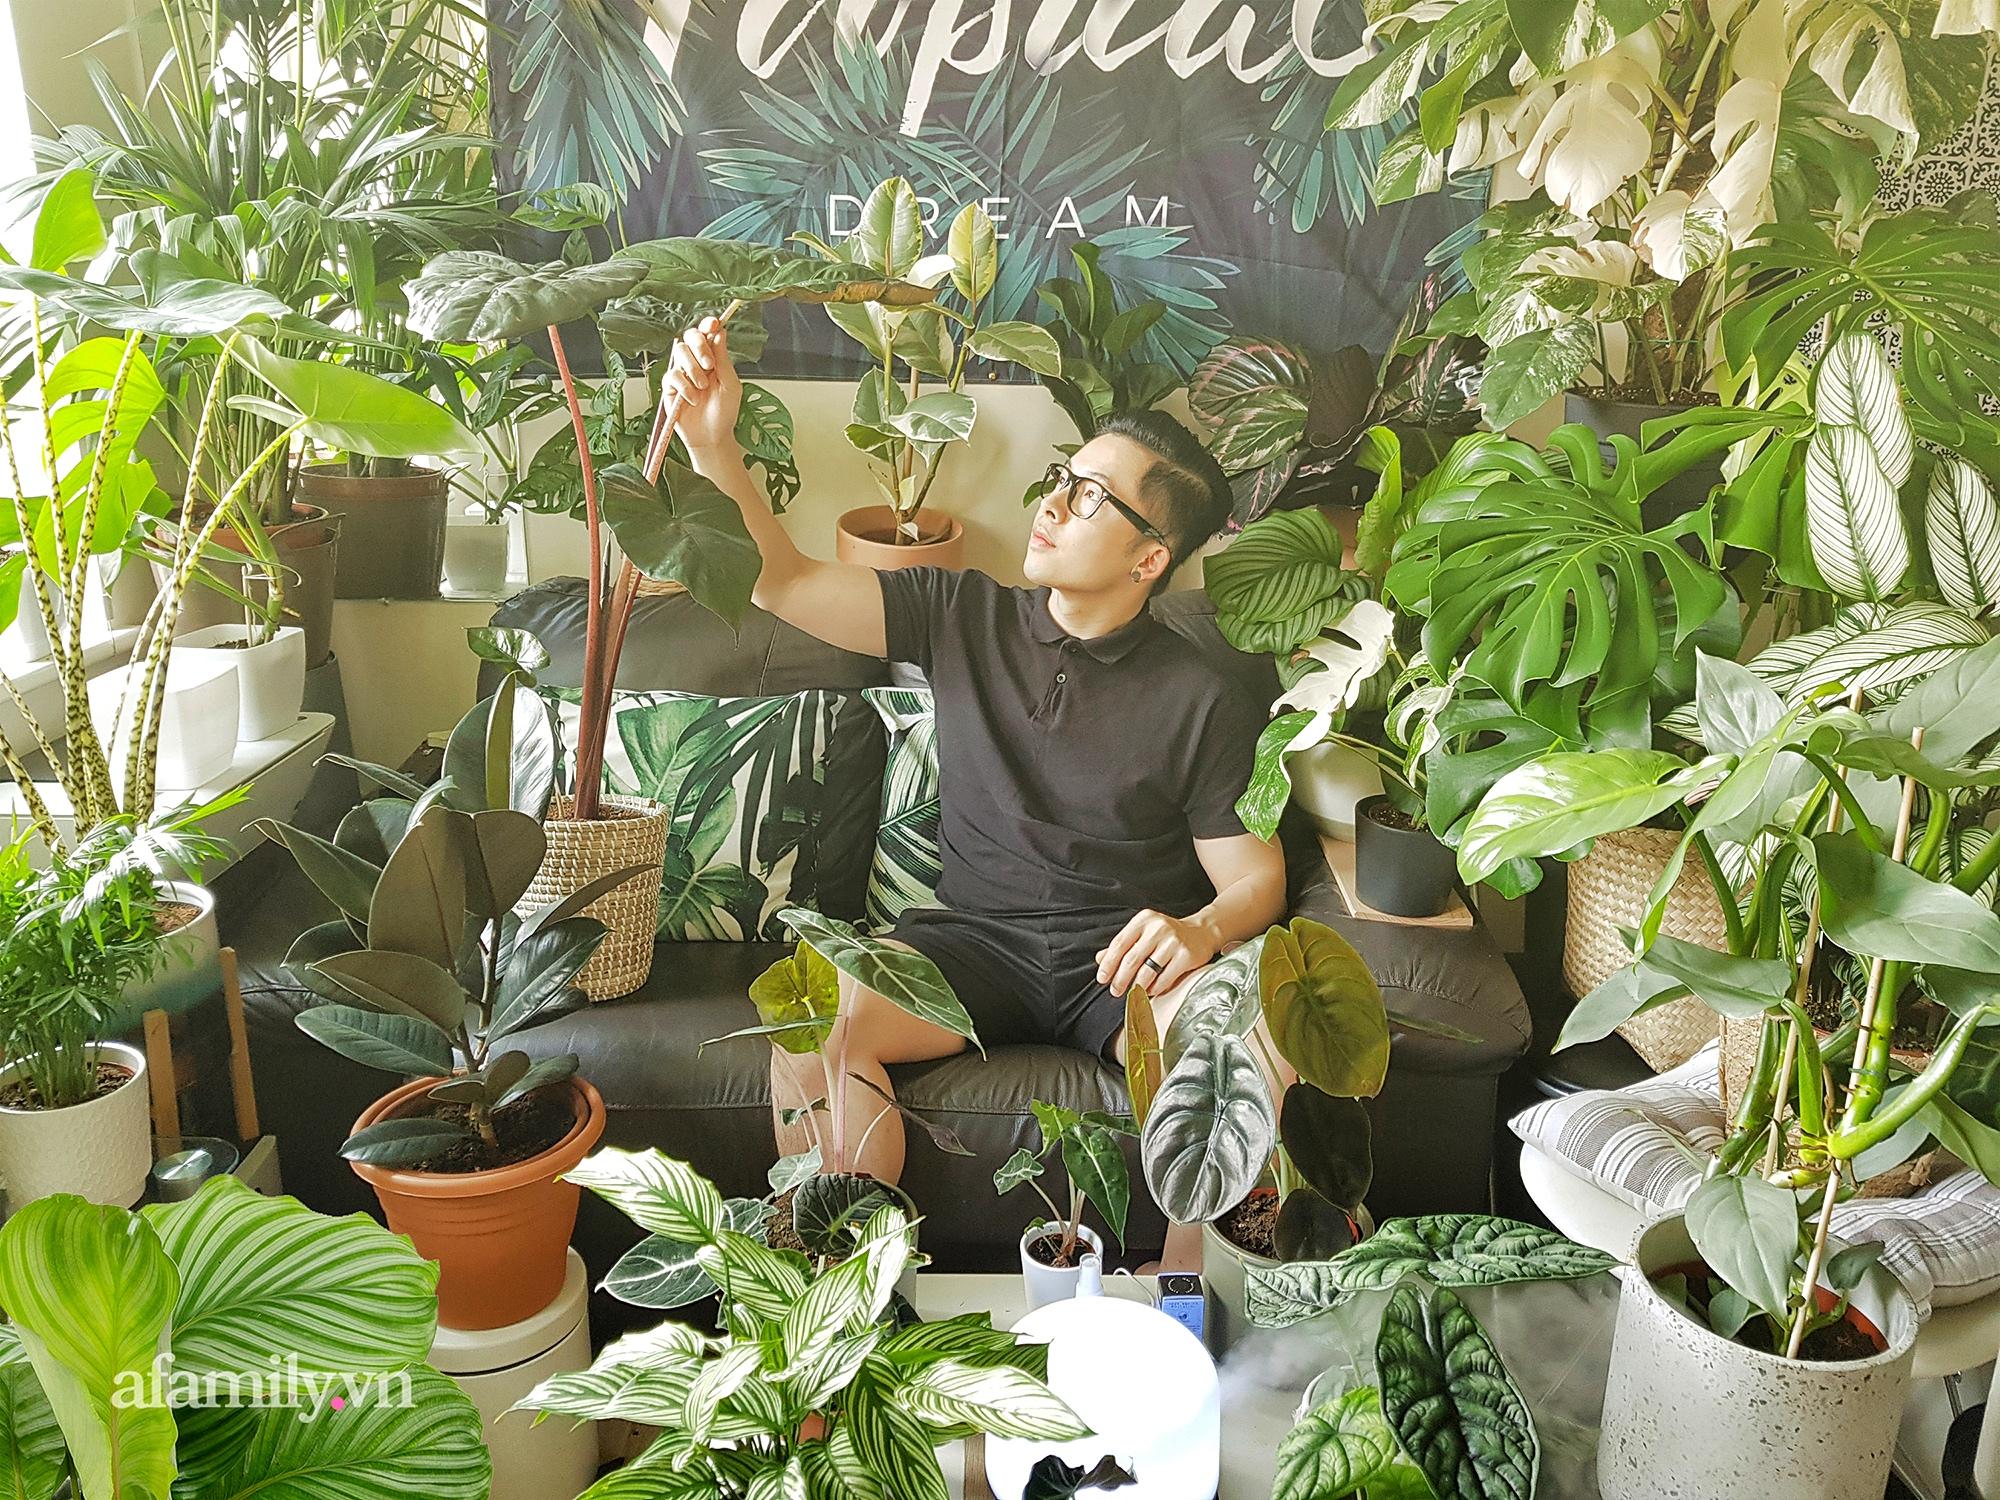 """BST hơn 200 cây kiểng lá của chàng kiến trúc sư người Việt tại Anh, gần như sống và nằm ngủ cùng cây mỗi ngày """"hoang mang về mức giá bạc tỷ được bán tại Việt Nam""""  - Ảnh 4."""